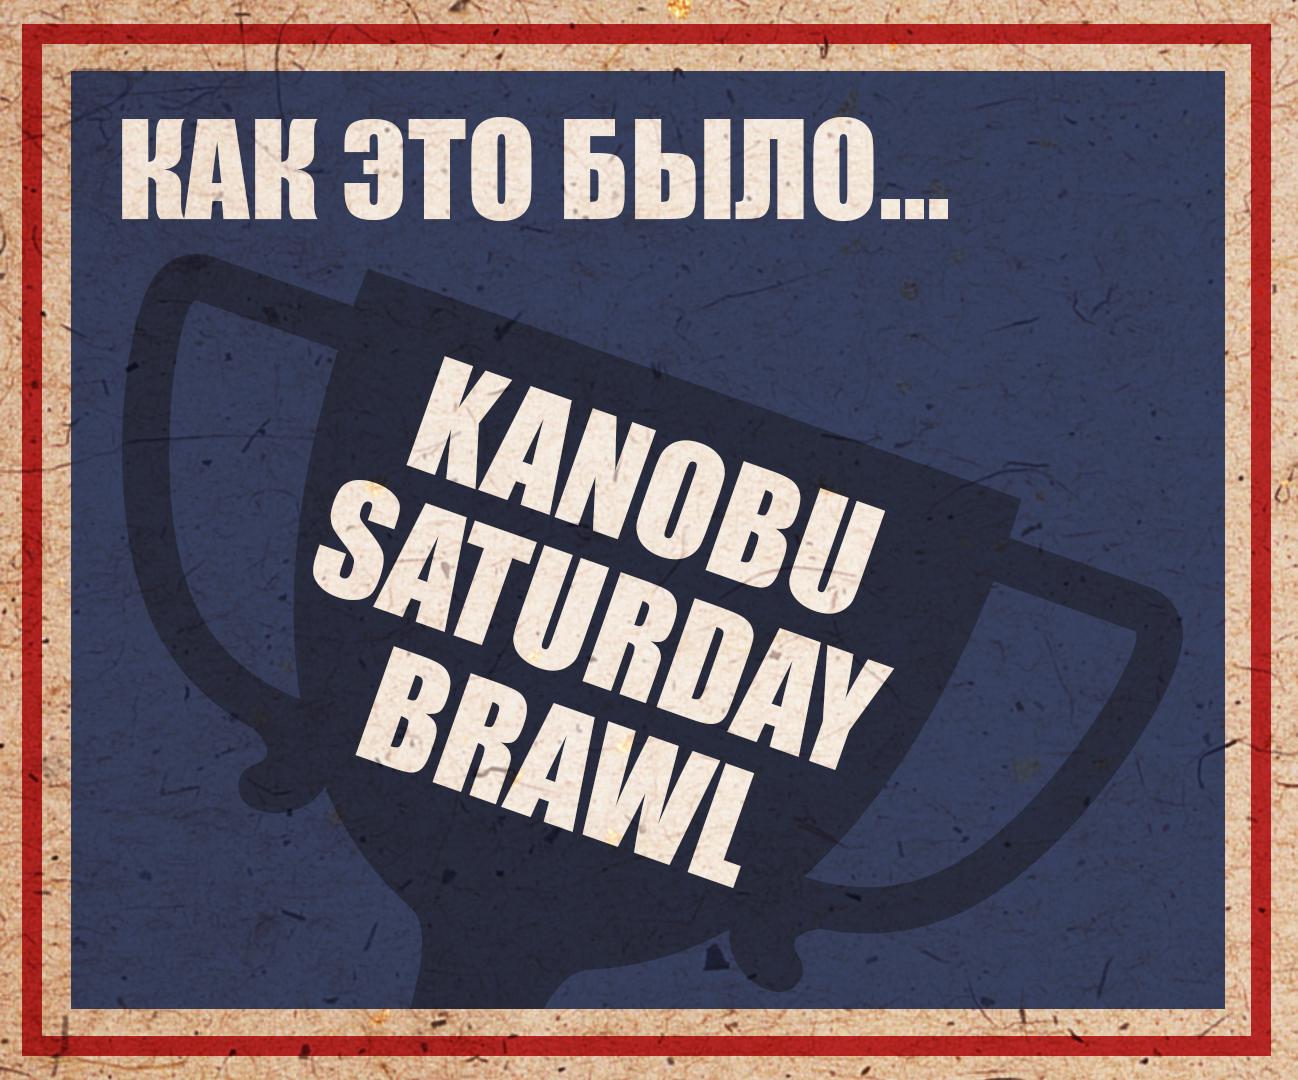 Kanobu saturday brawl. Как это было - Изображение 1